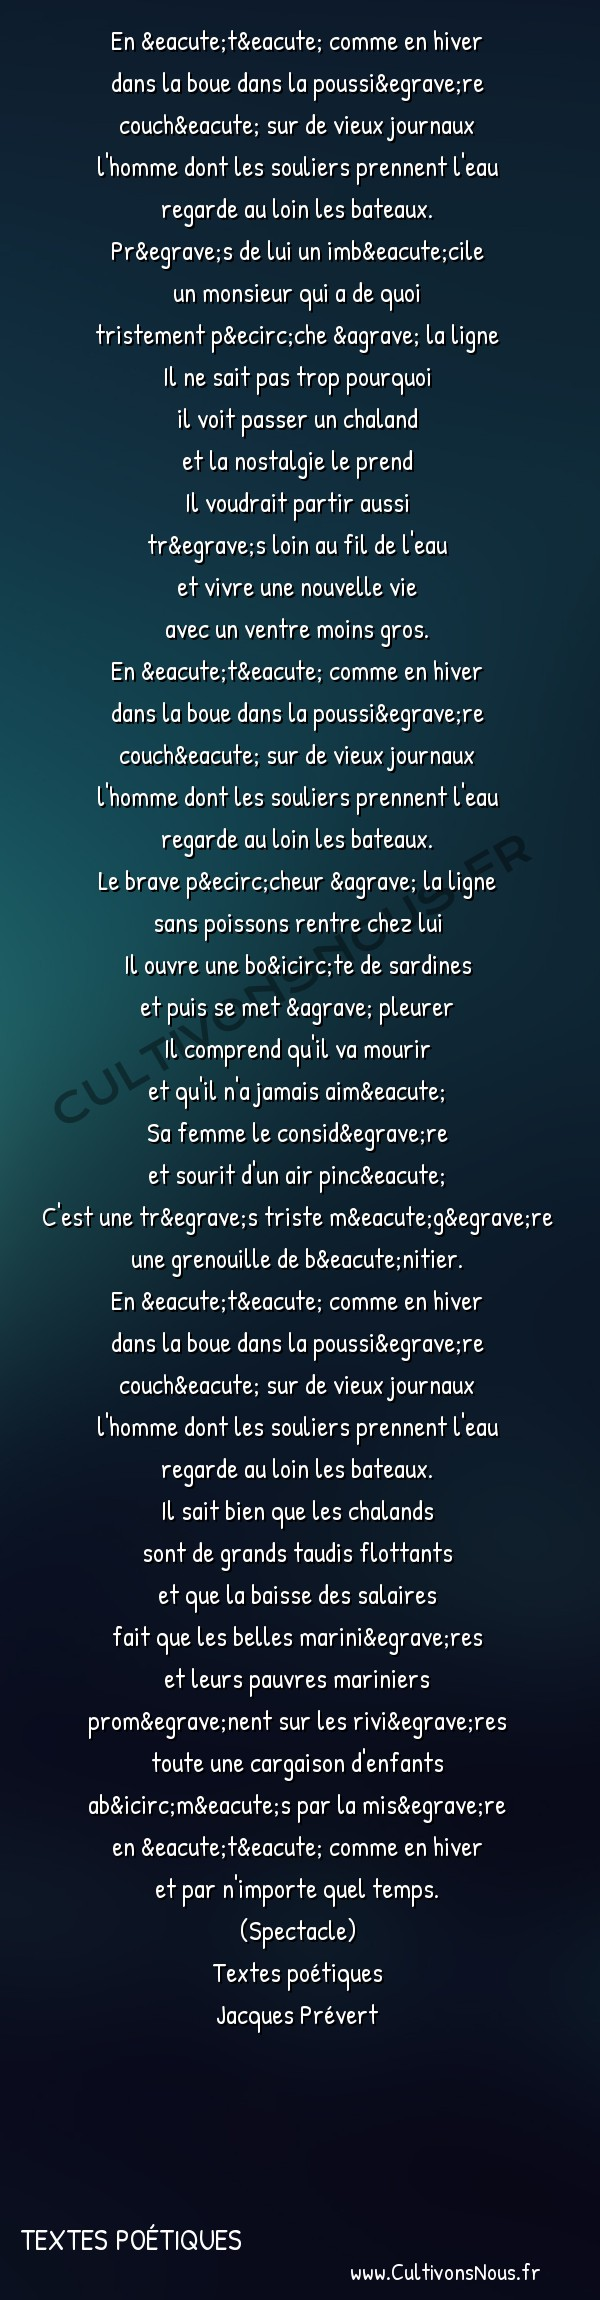 Poésie Jacques Prevert - Textes poétiques - En été comme en hiver -  En été comme en hiver dans la boue dans la poussière